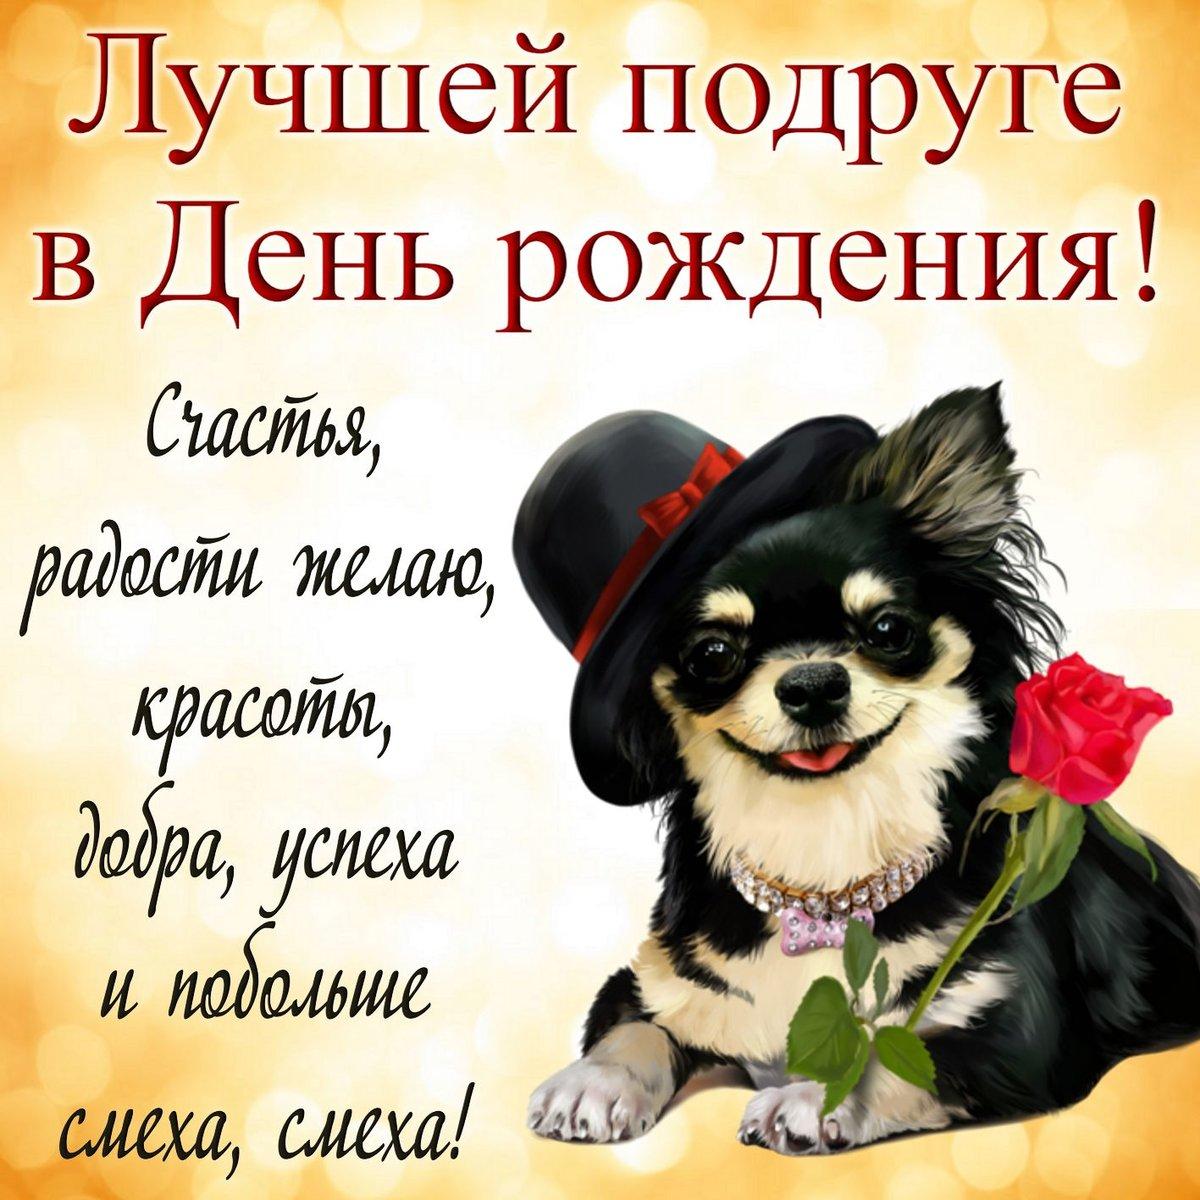 картинки открытка с днем рождения подруге деревянному дому качестве